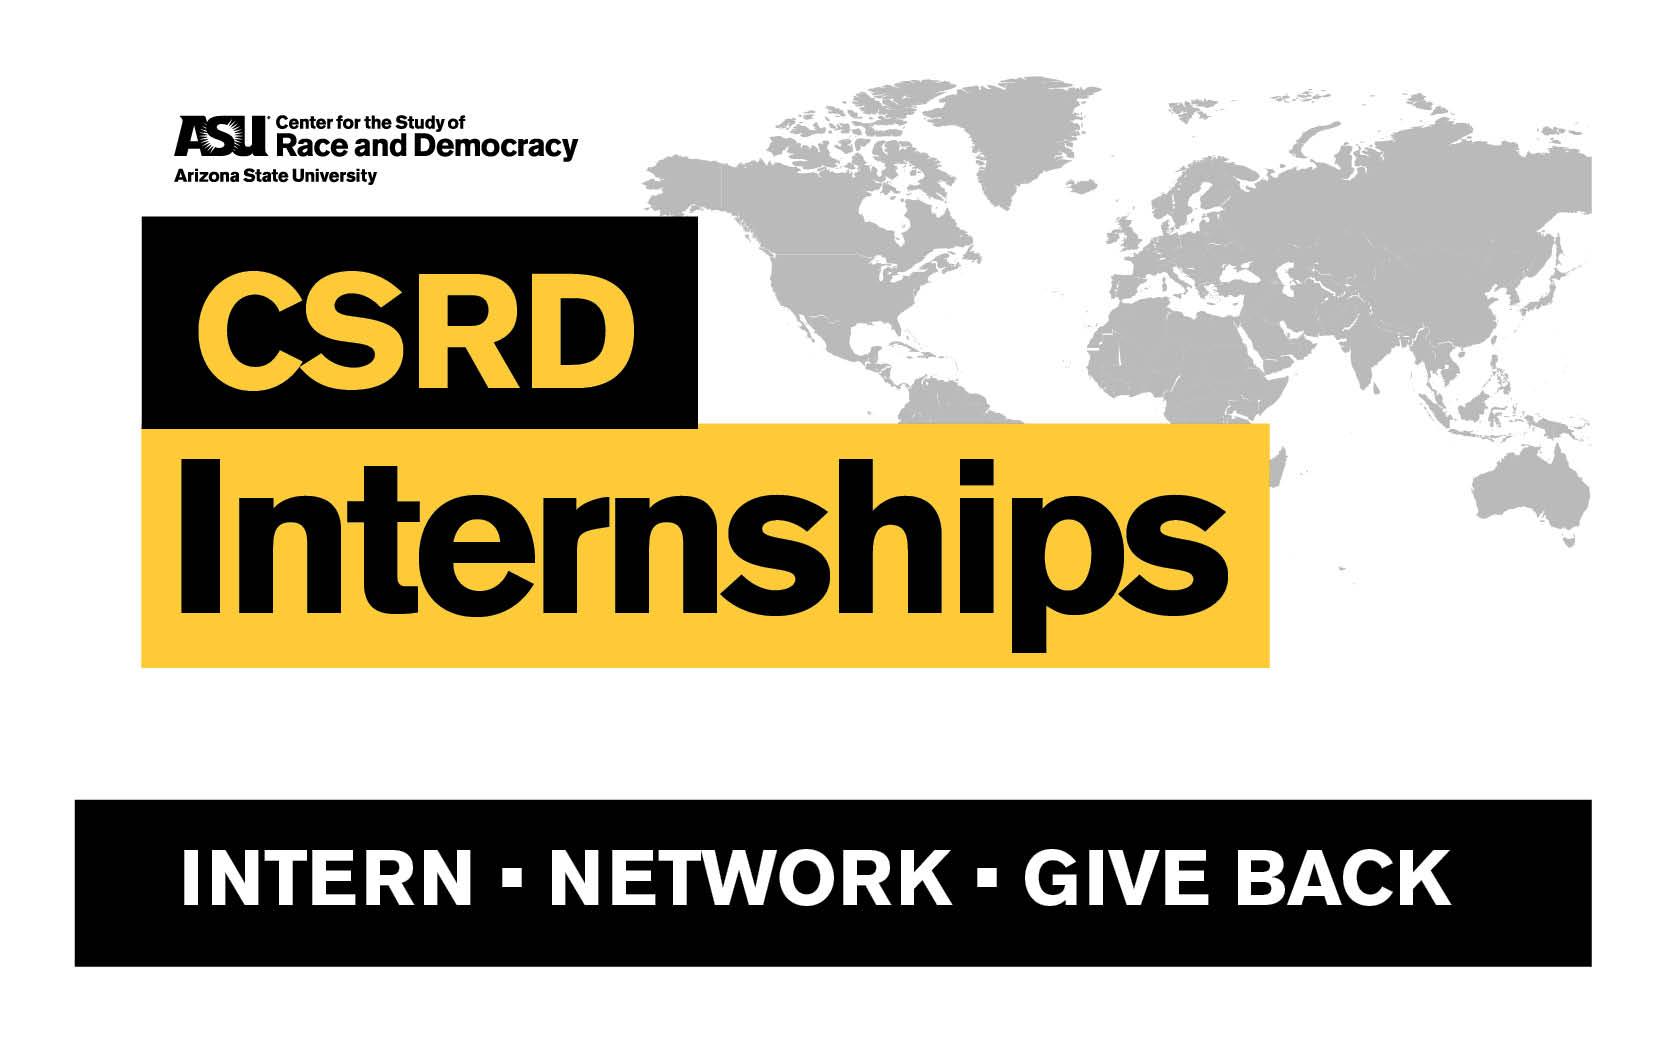 internships event